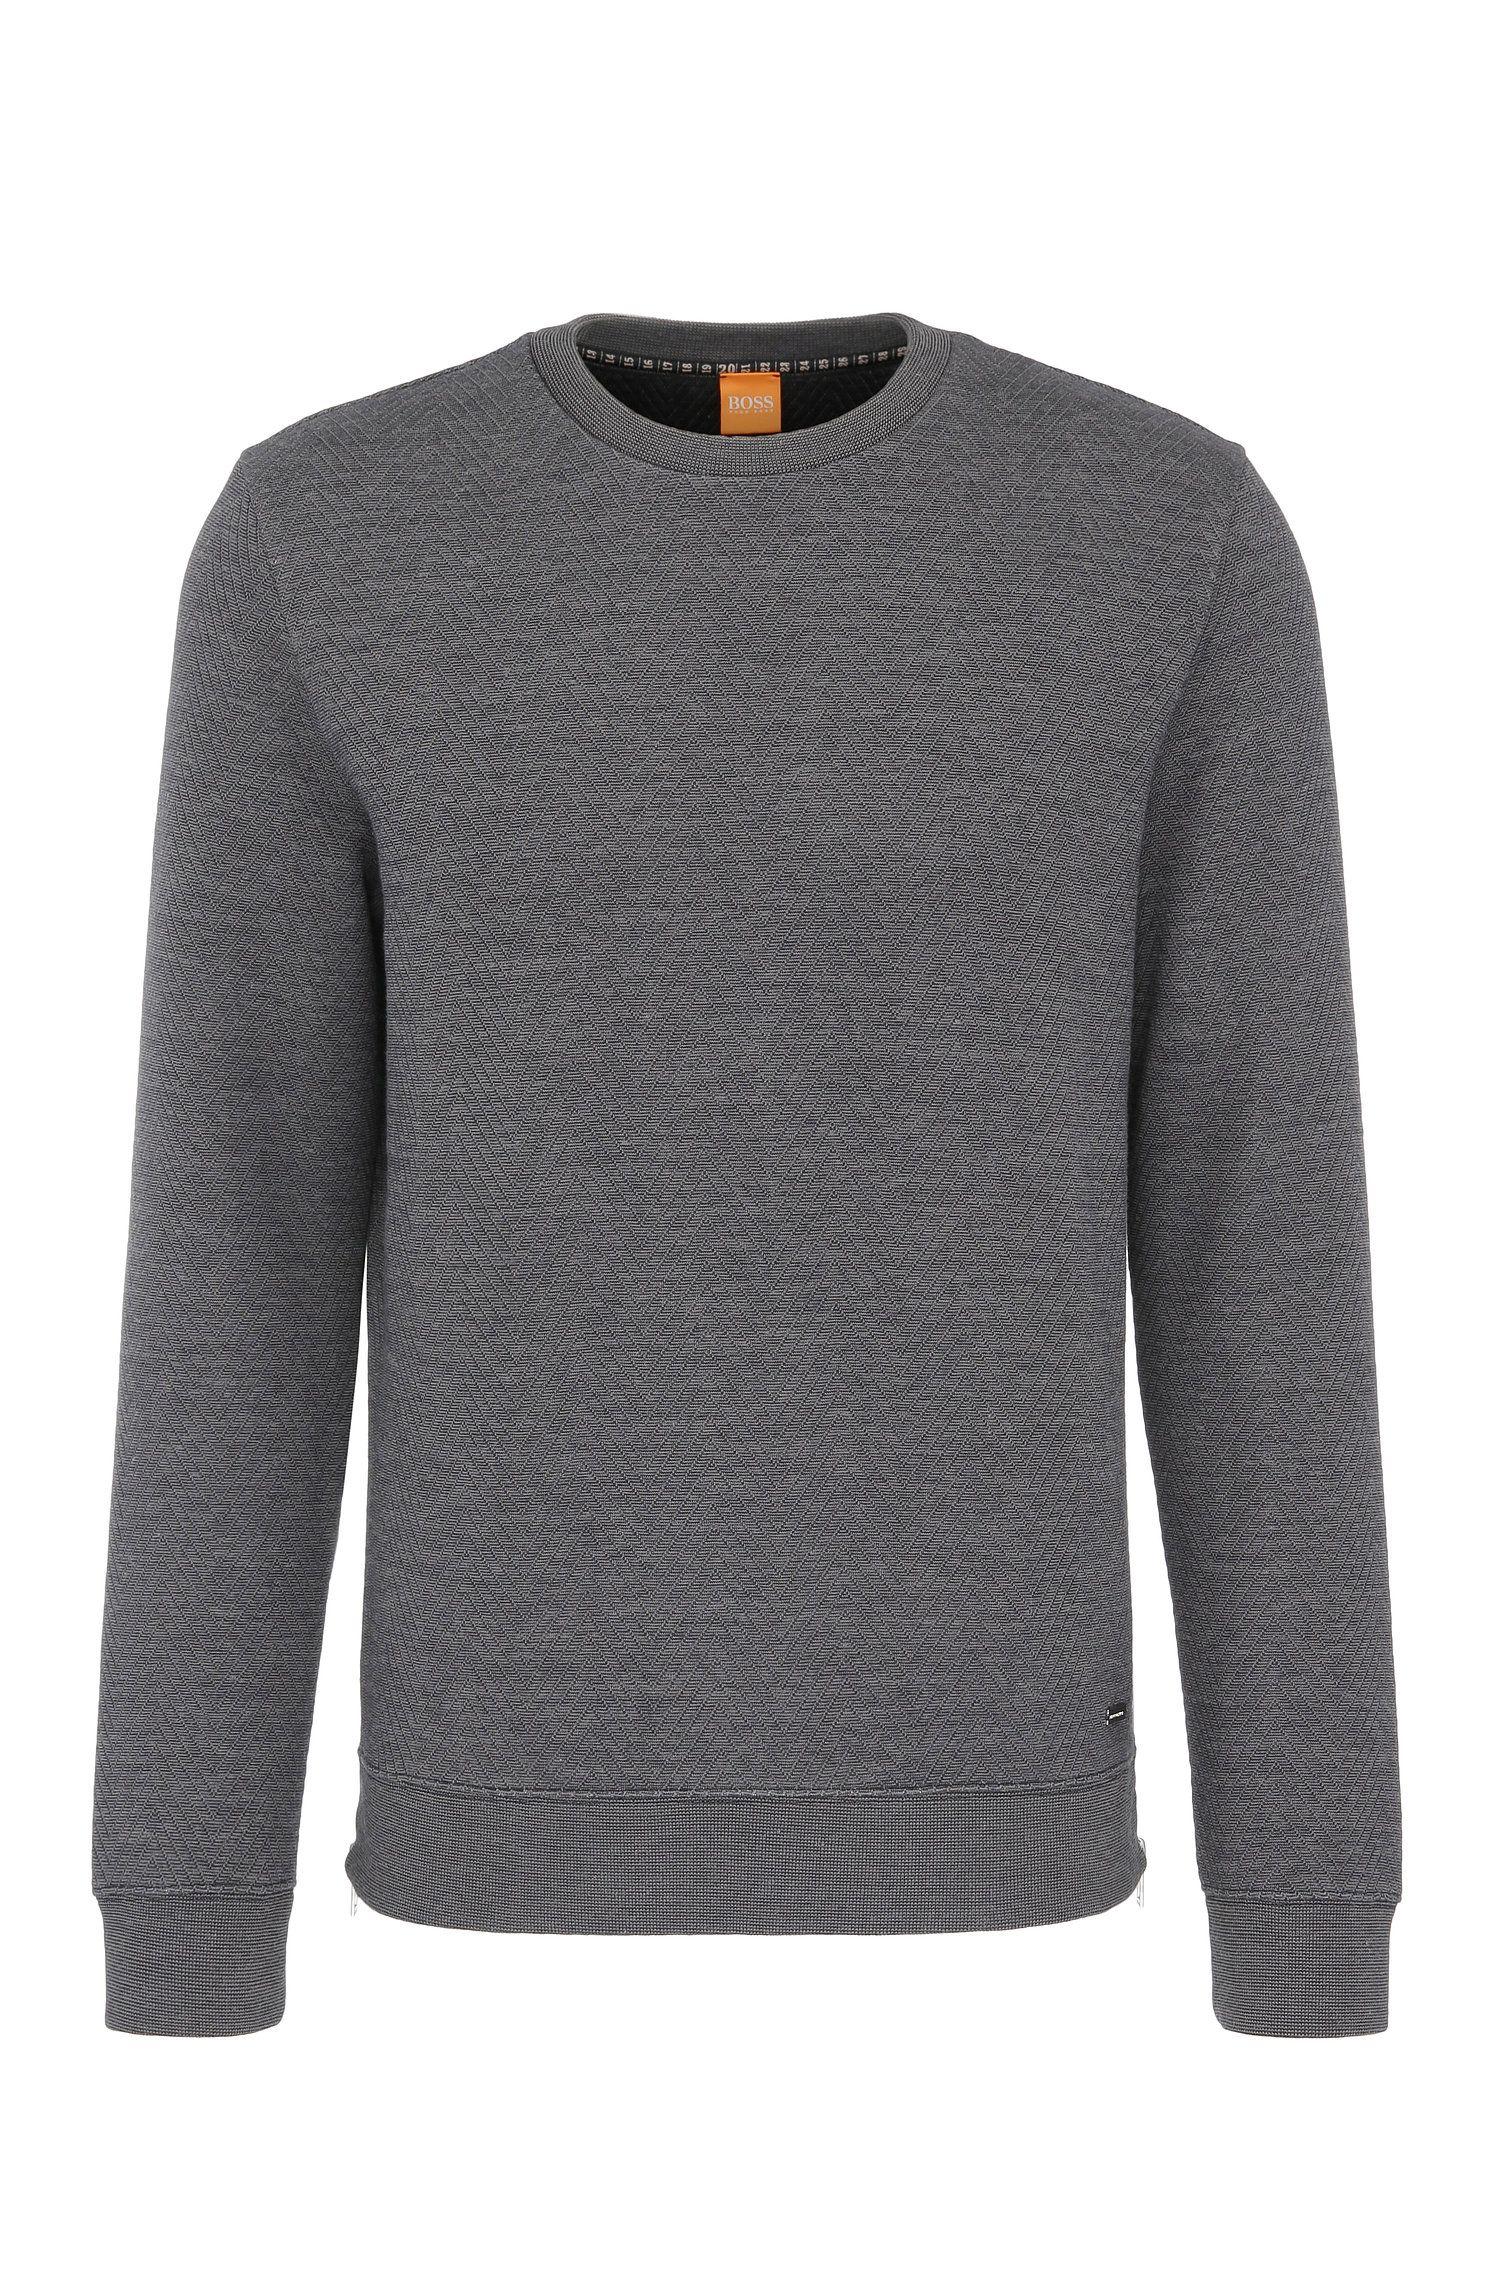 Sweatshirt aus texturiertem Baumwoll-Mix: ´Wicious`